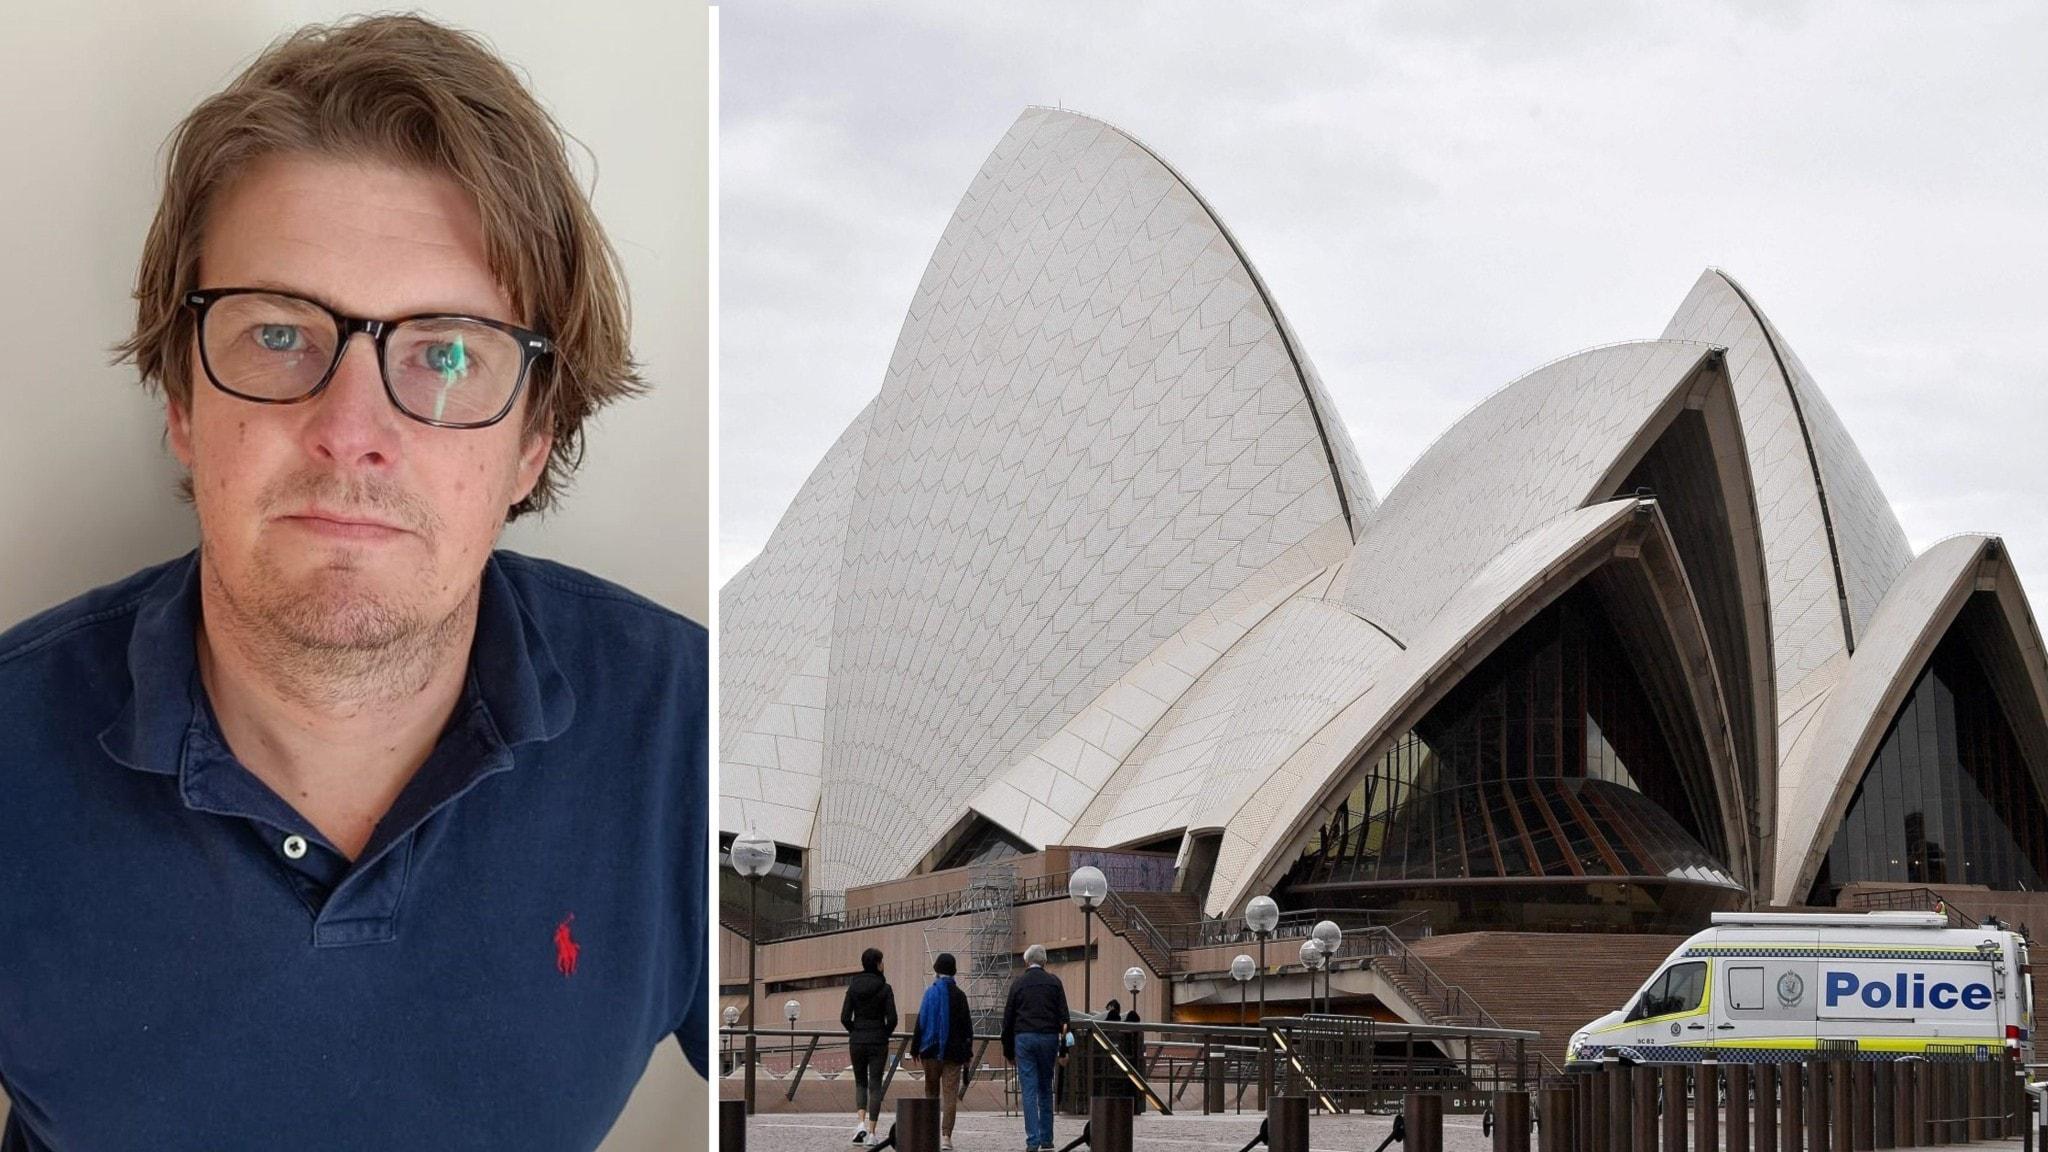 På bildens vänstra sida är en man i glasögon och blå tröja. Till höger syns Sydneys operahus, med sina typiska snäckformade byggnader.